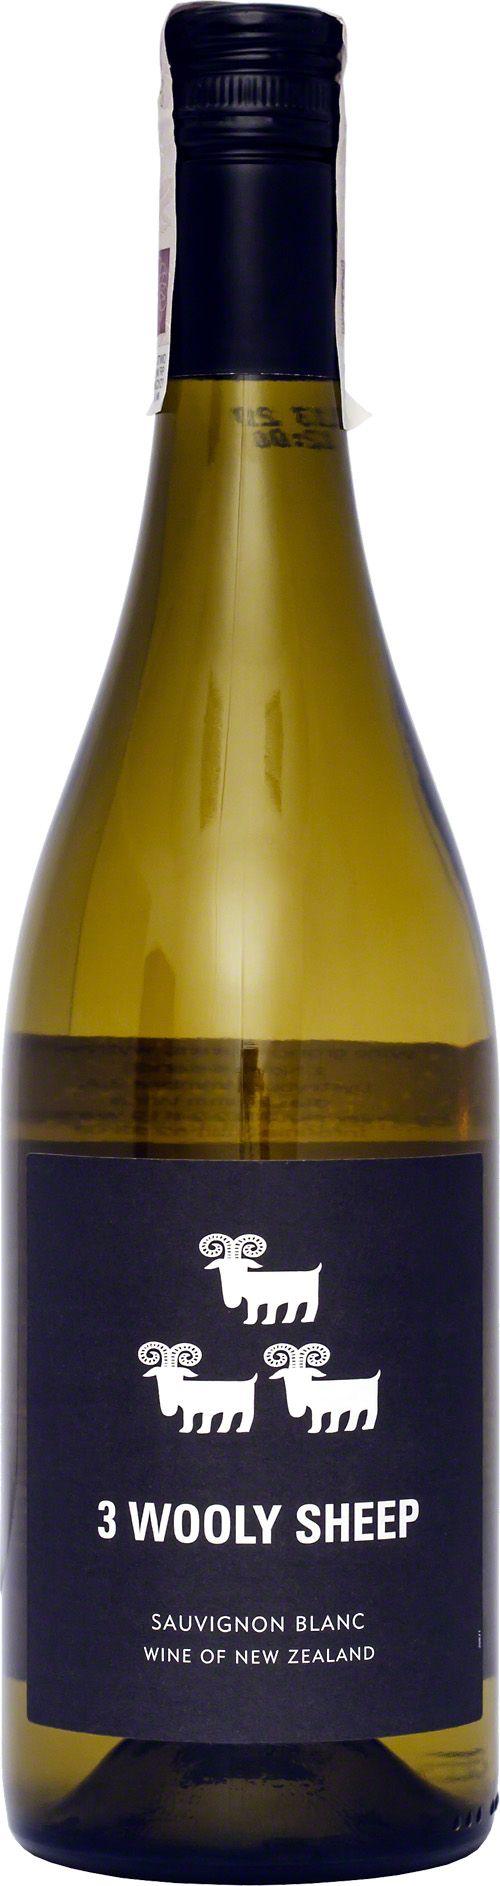 The Three Wholly Sheep Sauvignon Blanc Tak jak owieczki z etykiety, wino również lubi ciepły klimat i jest wizytówką malowniczej Nowej Zelandii. Jest bardzo świeże i delikatne, o orzeźwiającym zapachu cytrusów. #TheThreeWhollySheep #SauvignonBlanc #NowaZelandia #Wino #Winezja